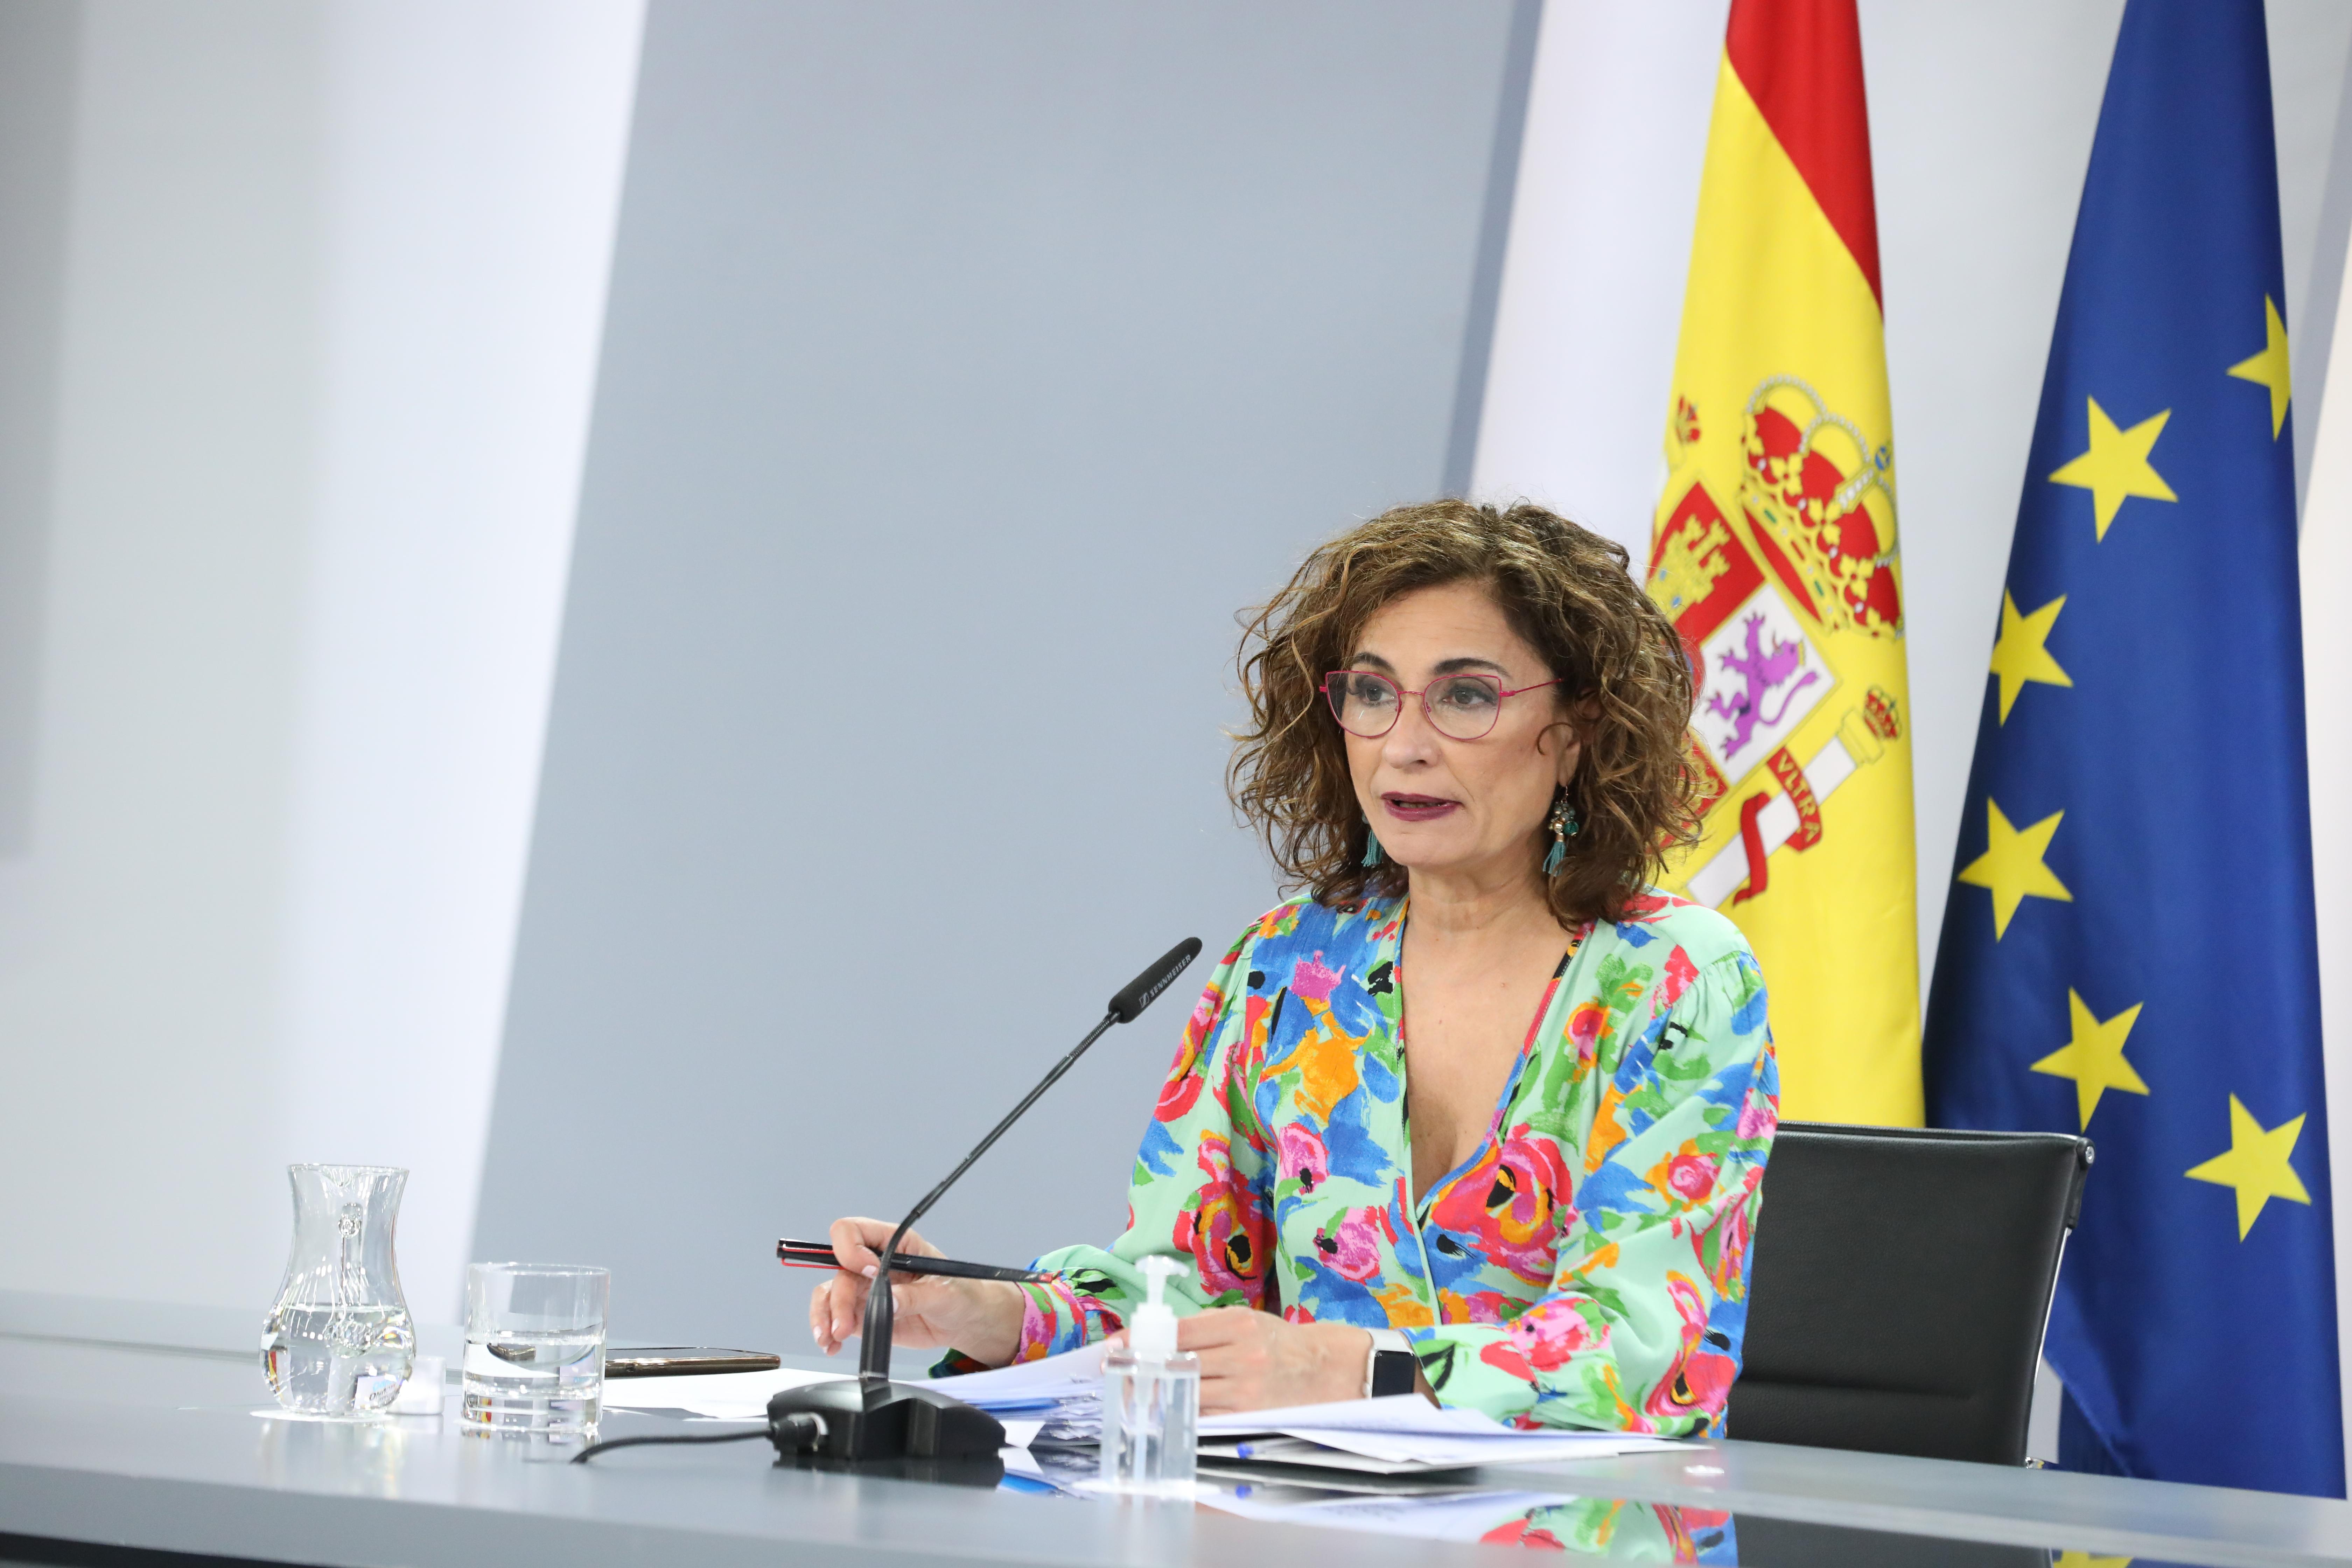 La ministra portavoz y ministra de Hacienda, María Jesús Montero